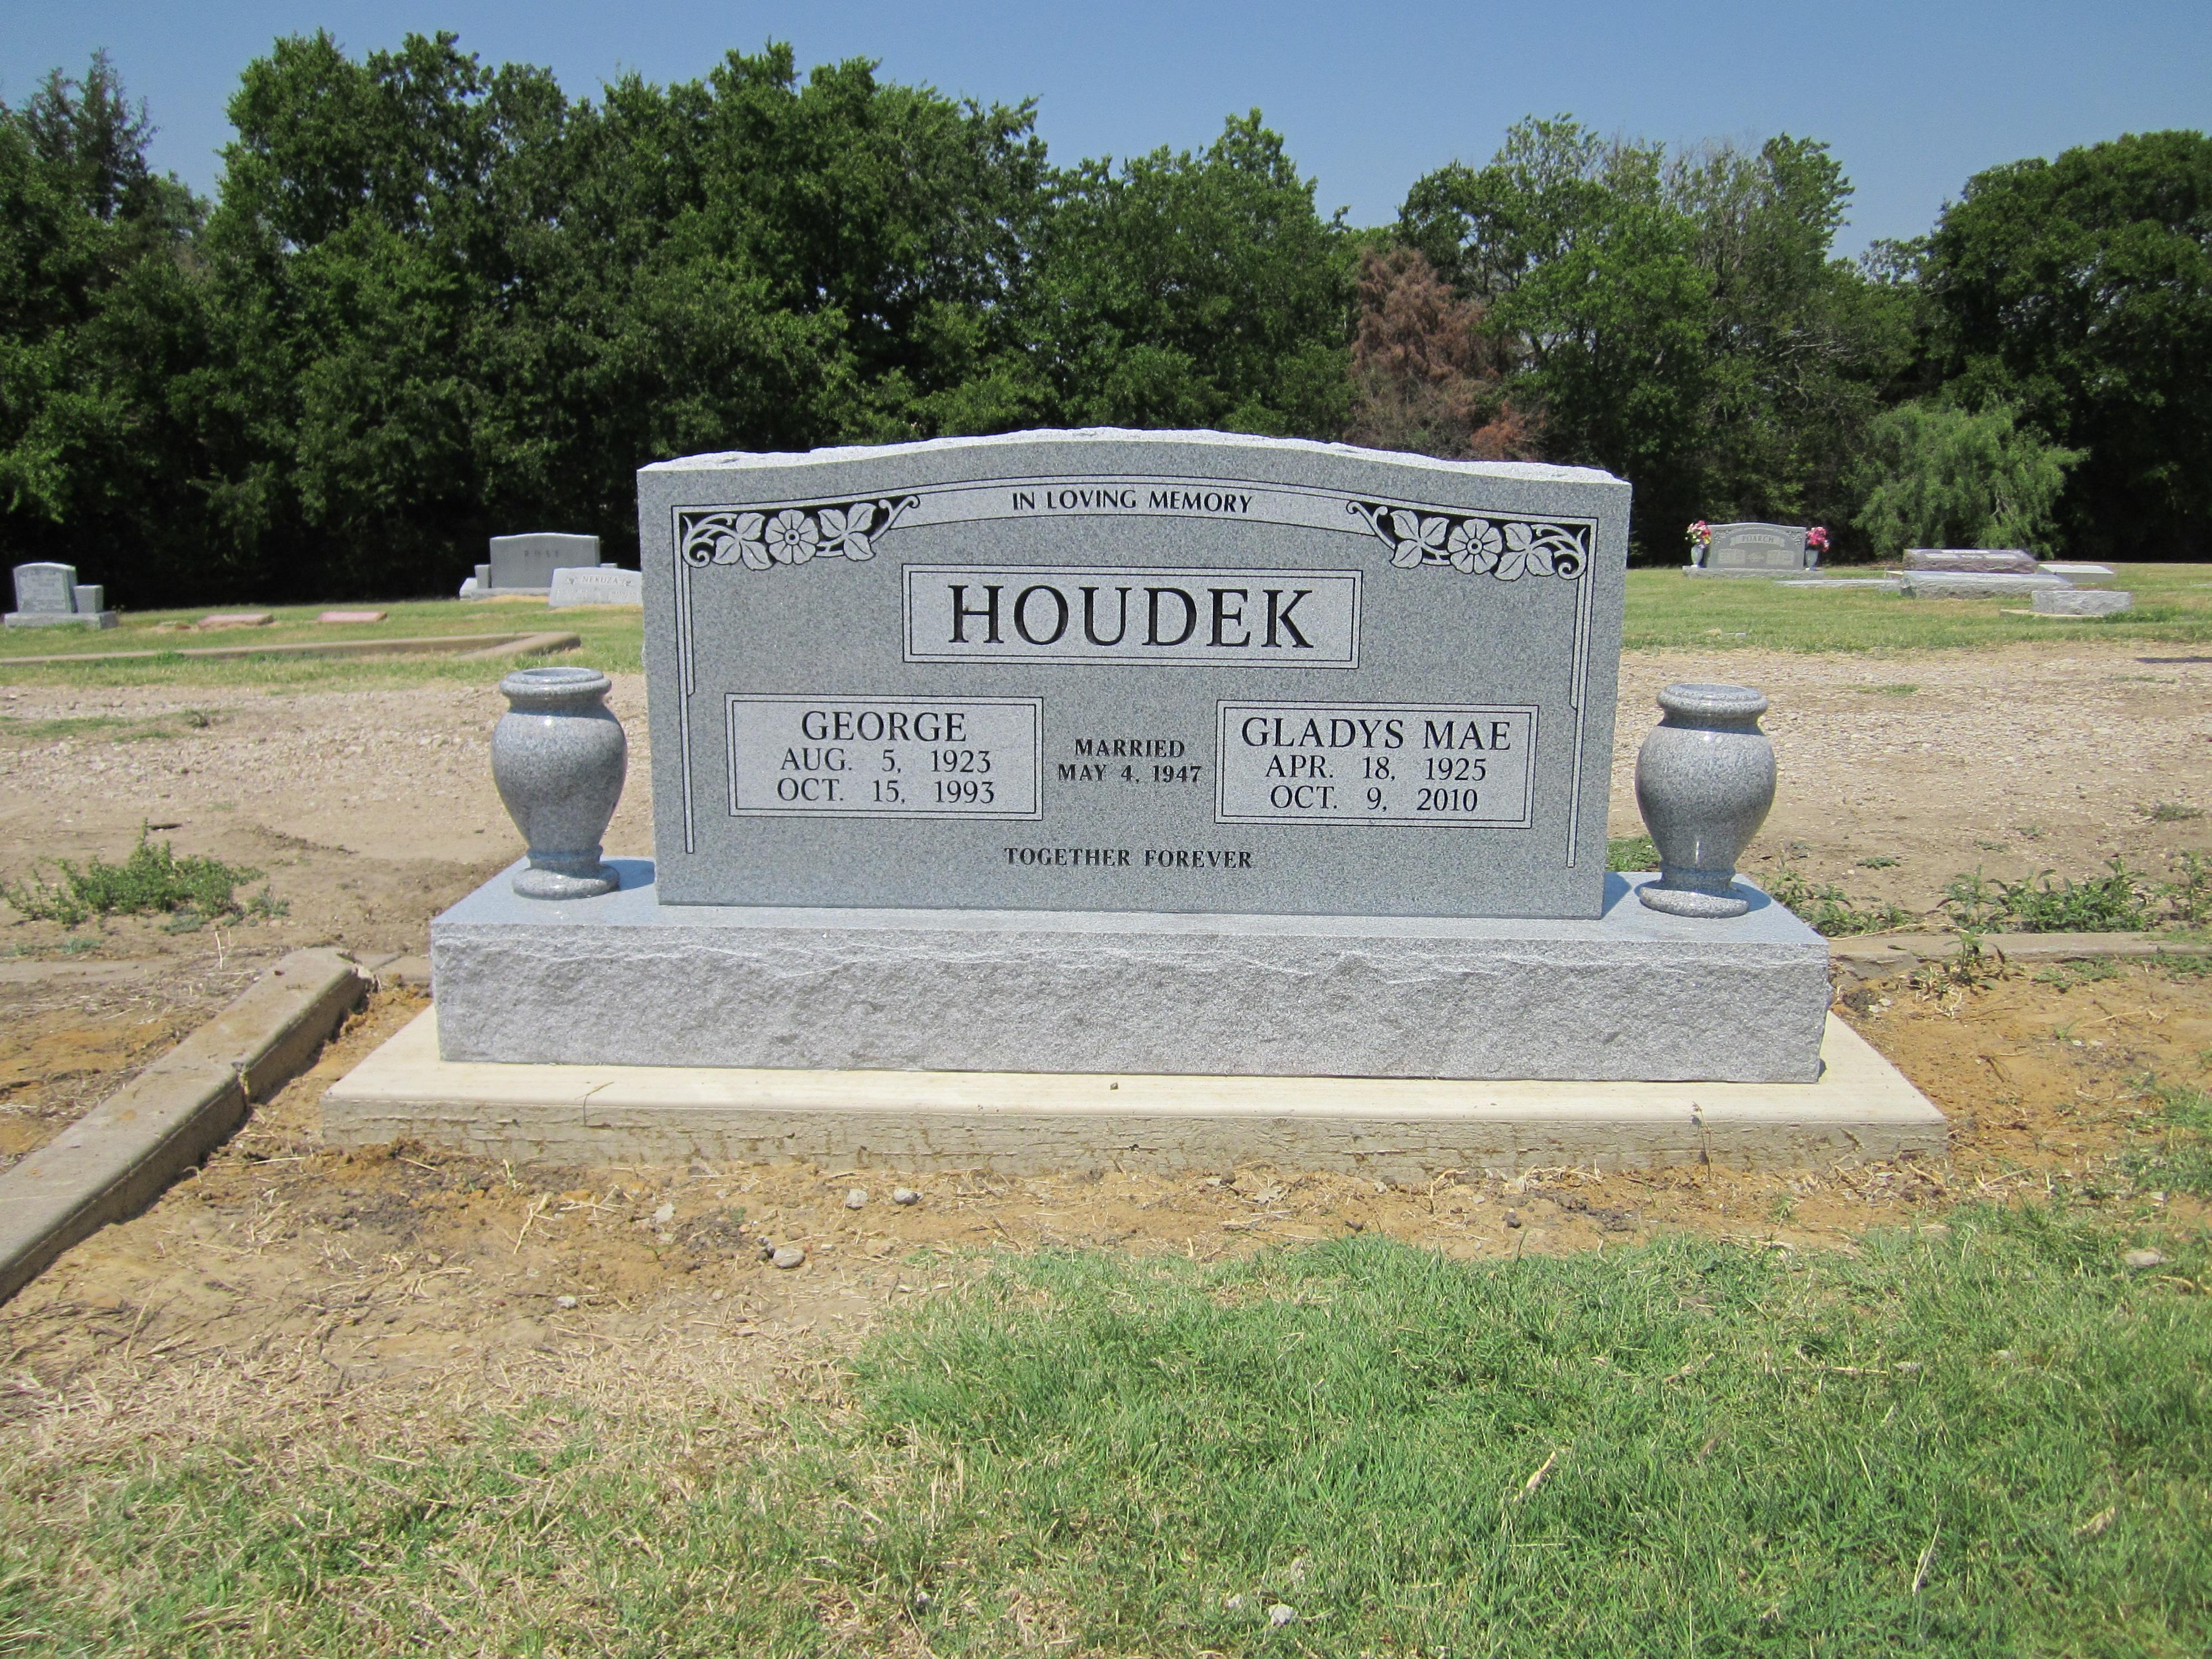 HOUDEK